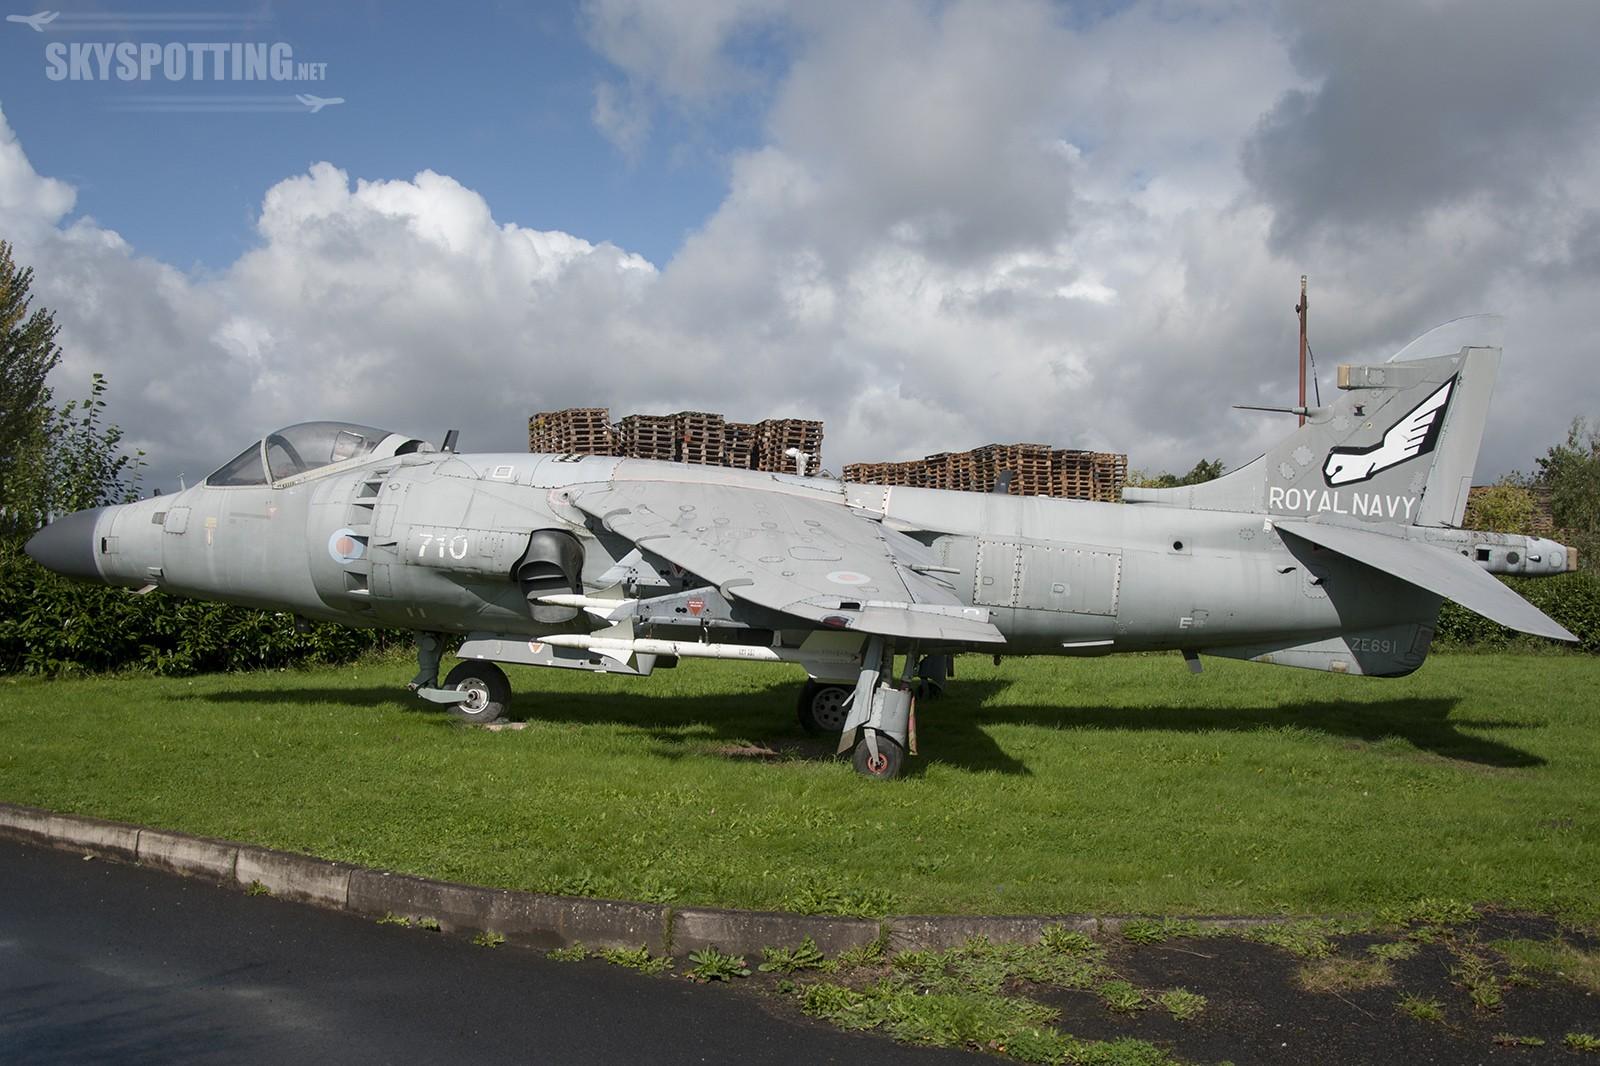 Śladami pomników lotniczych, część 13 – Sea Harrier (Winsford, Anglia)